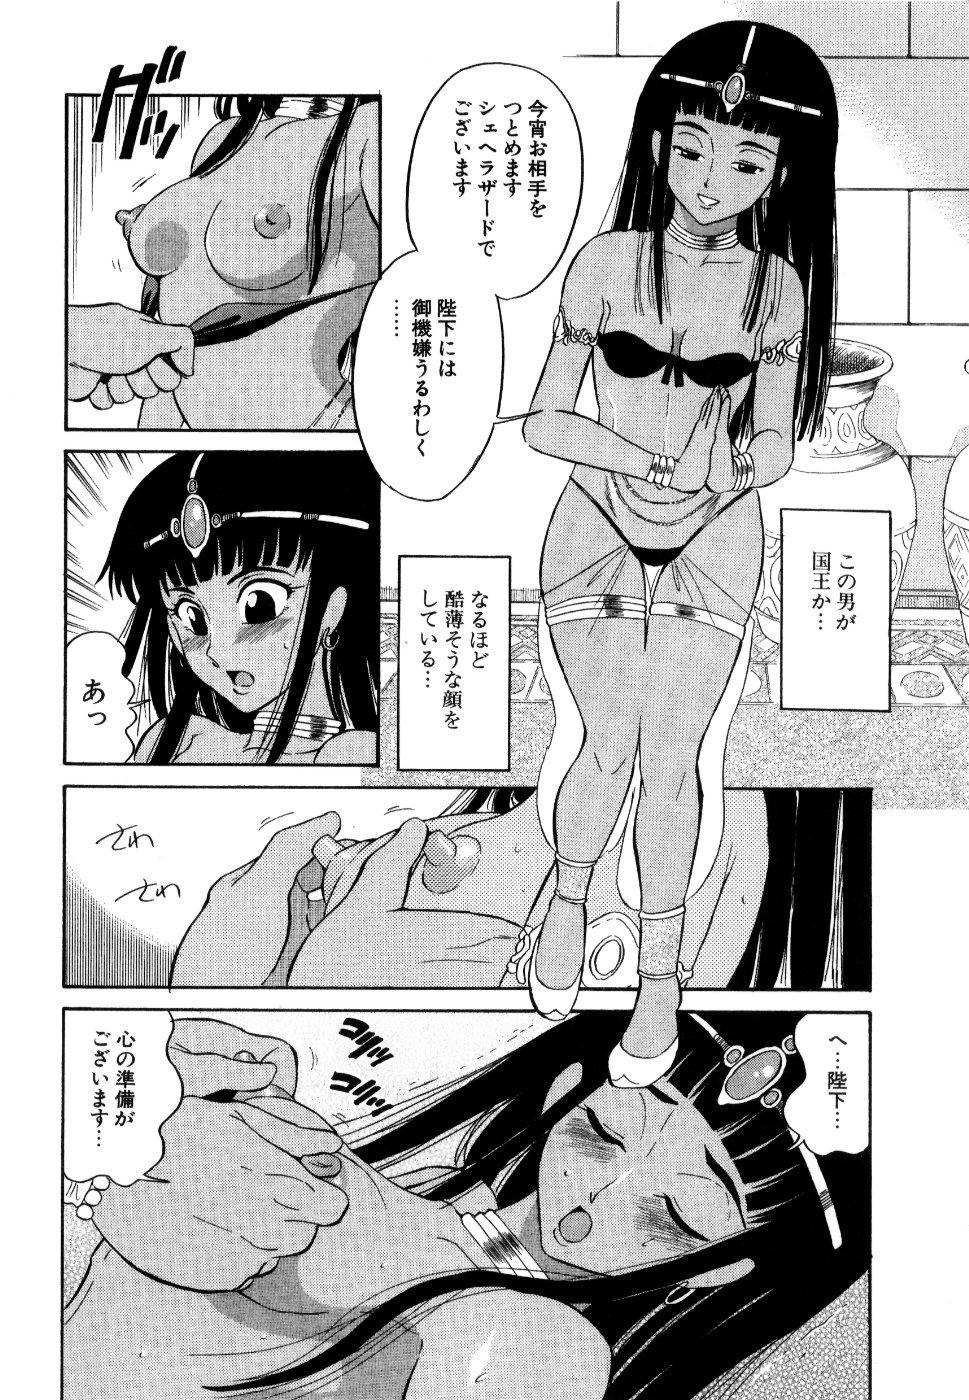 [Dozamura] Doguu -Dozamura Guuwa- Kuro 84